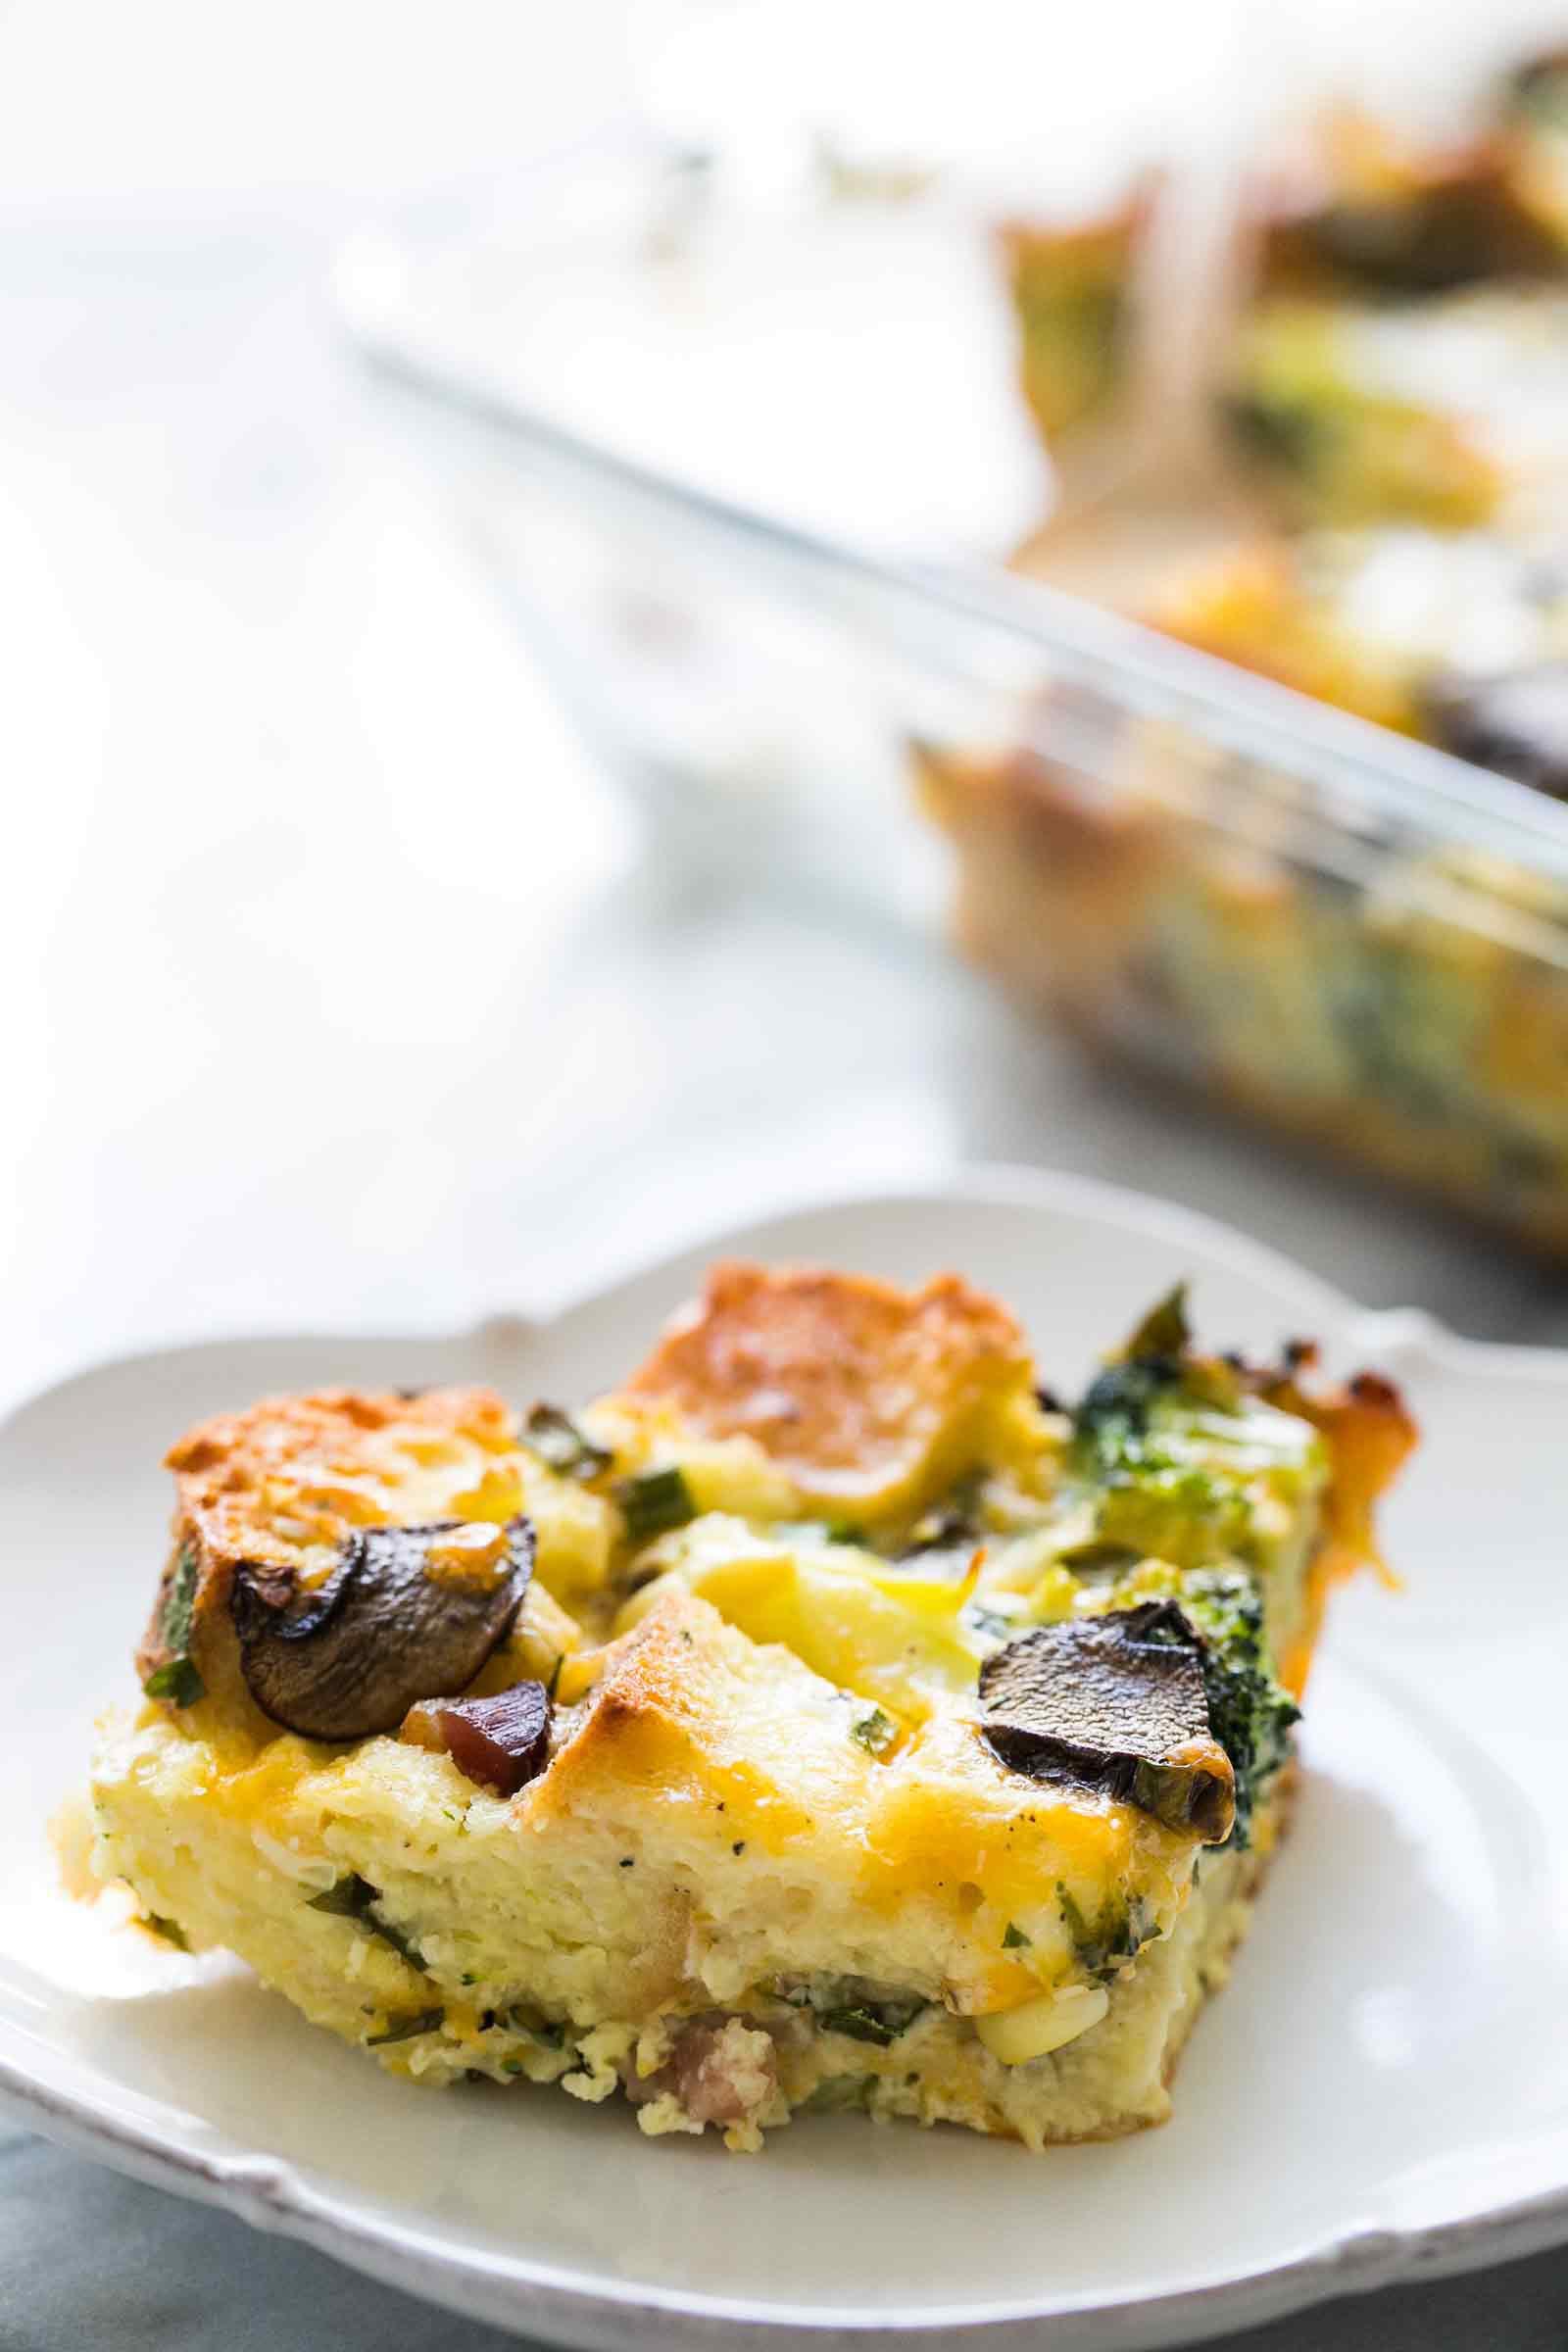 Slice of easy breakfast casserole on a plate